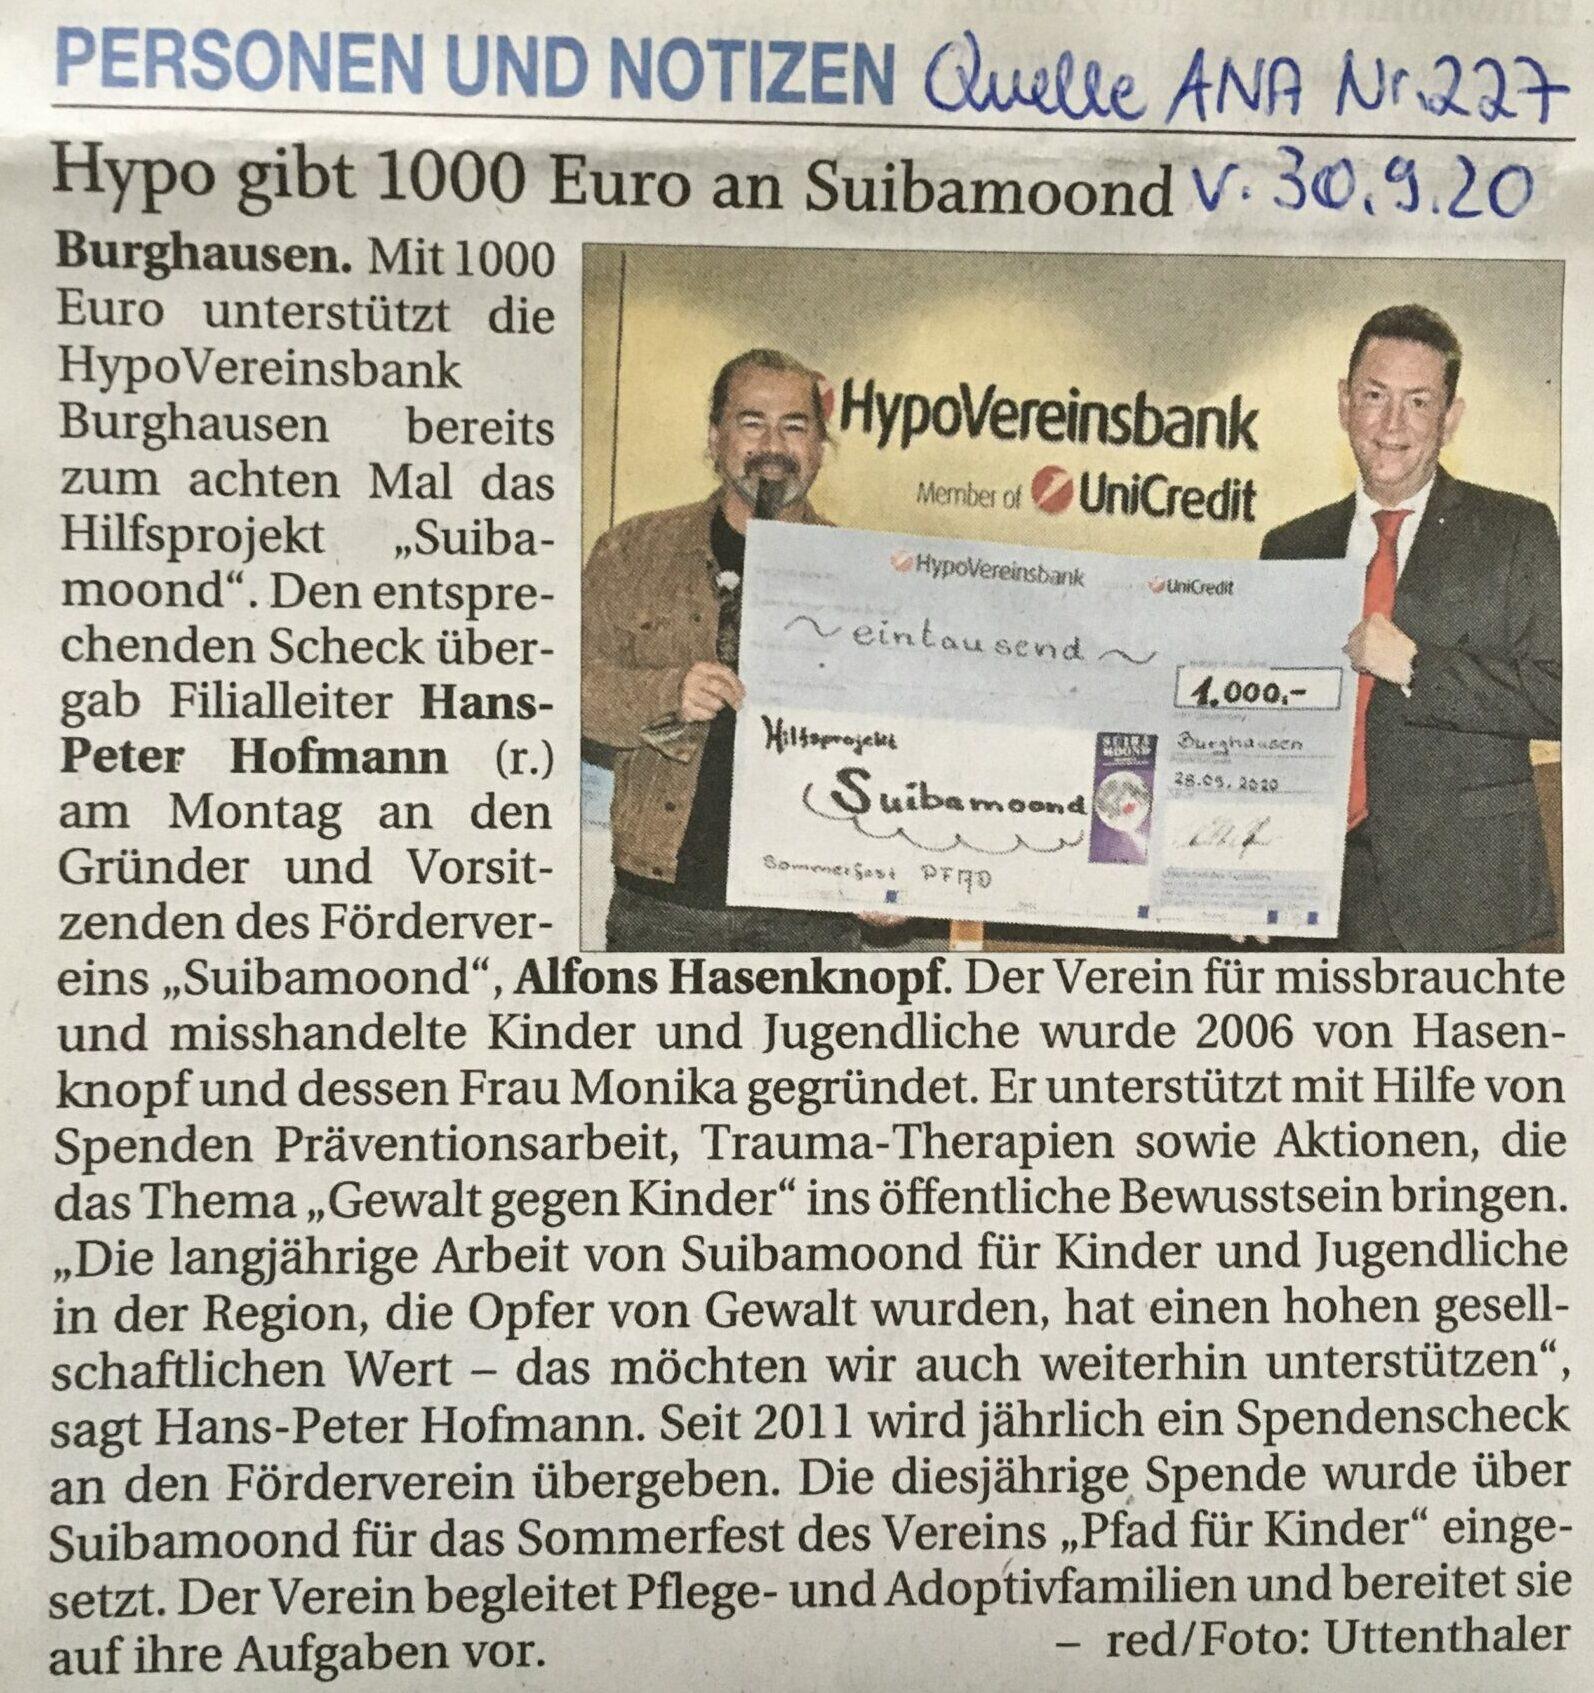 Hypo gibt 1000 Euro an Suibamoond